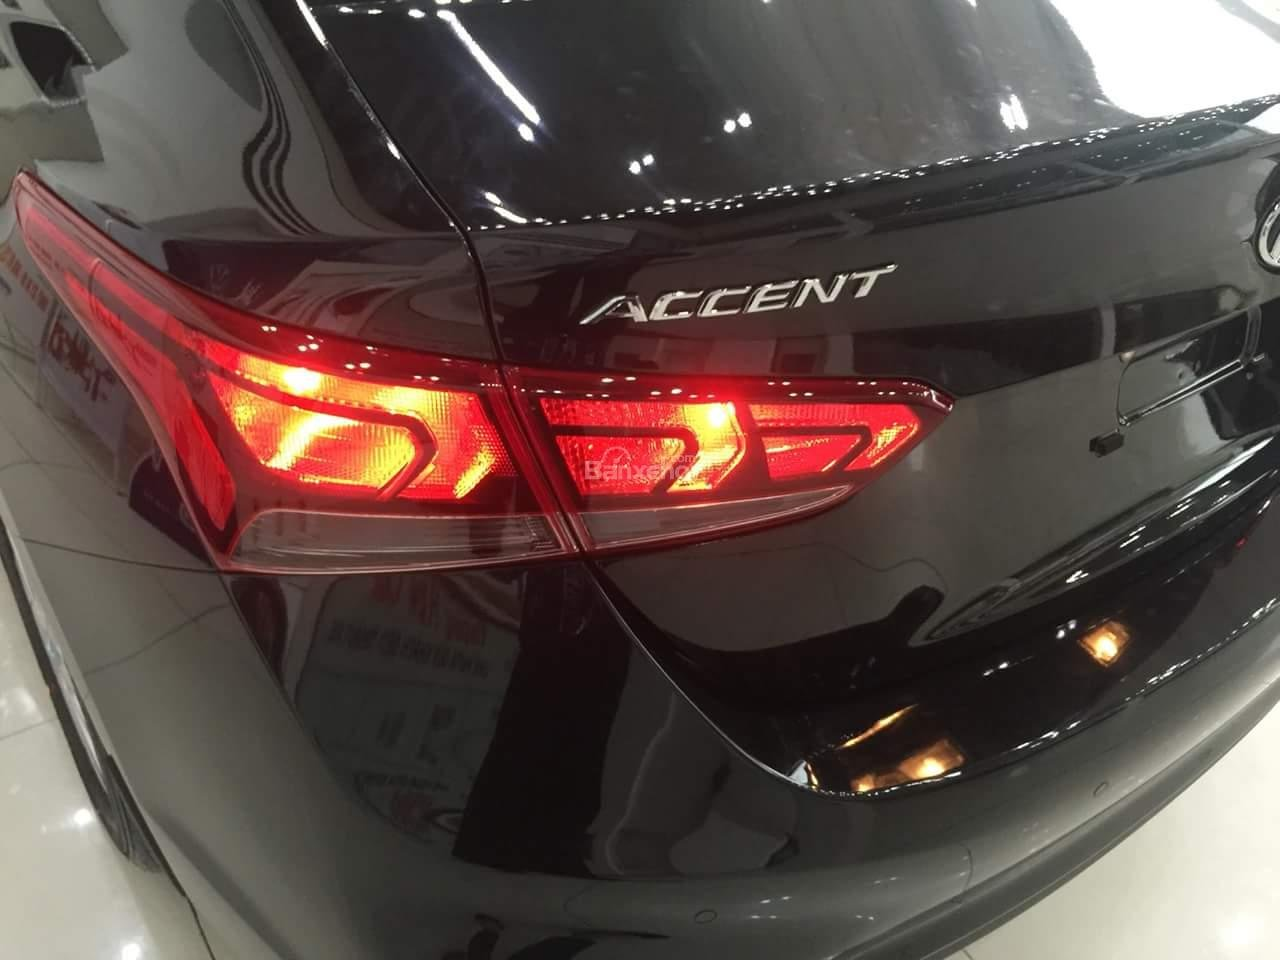 [Hyundai Kinh Dương Vương] Accent trả trước 140tr, tặng gói phụ kiện, góp ngân hàng chỉ từ 0.66%/tháng, LH 0961730817-7